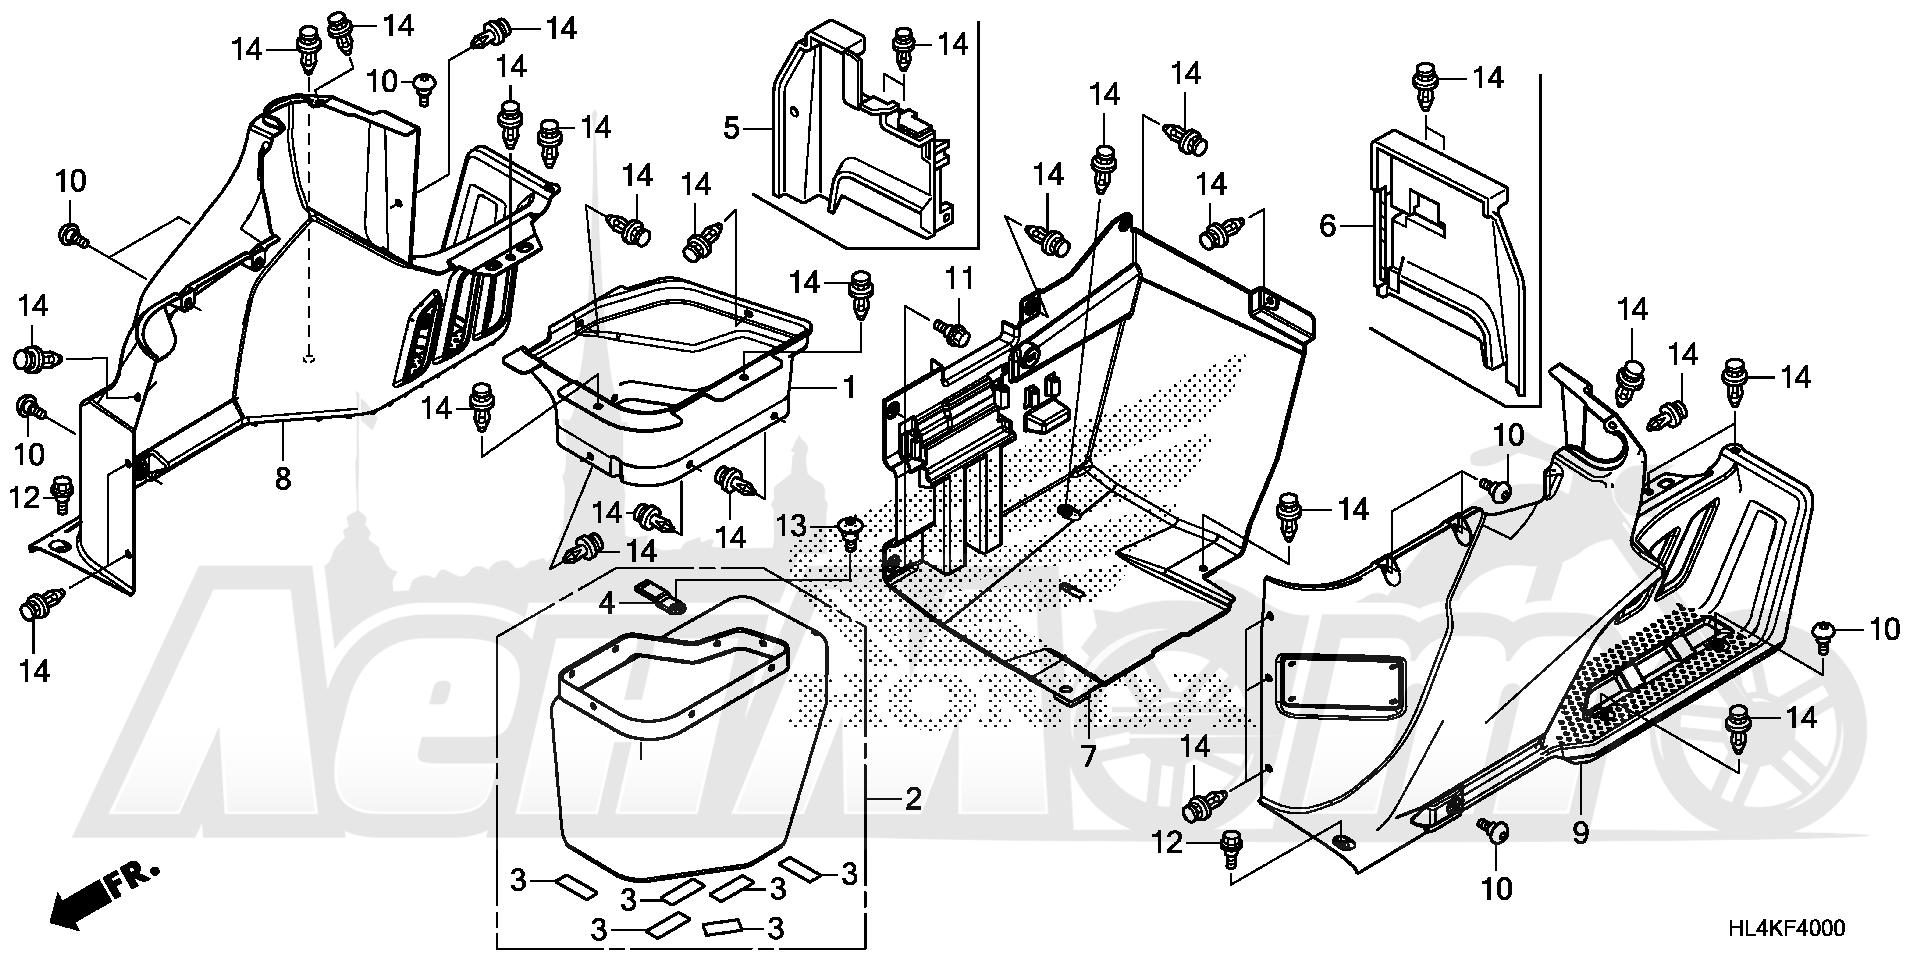 Запчасти для Квадроцикла Honda 2019 SXS1000M5P Раздел: SIDE COVER   боковая сторона крышка